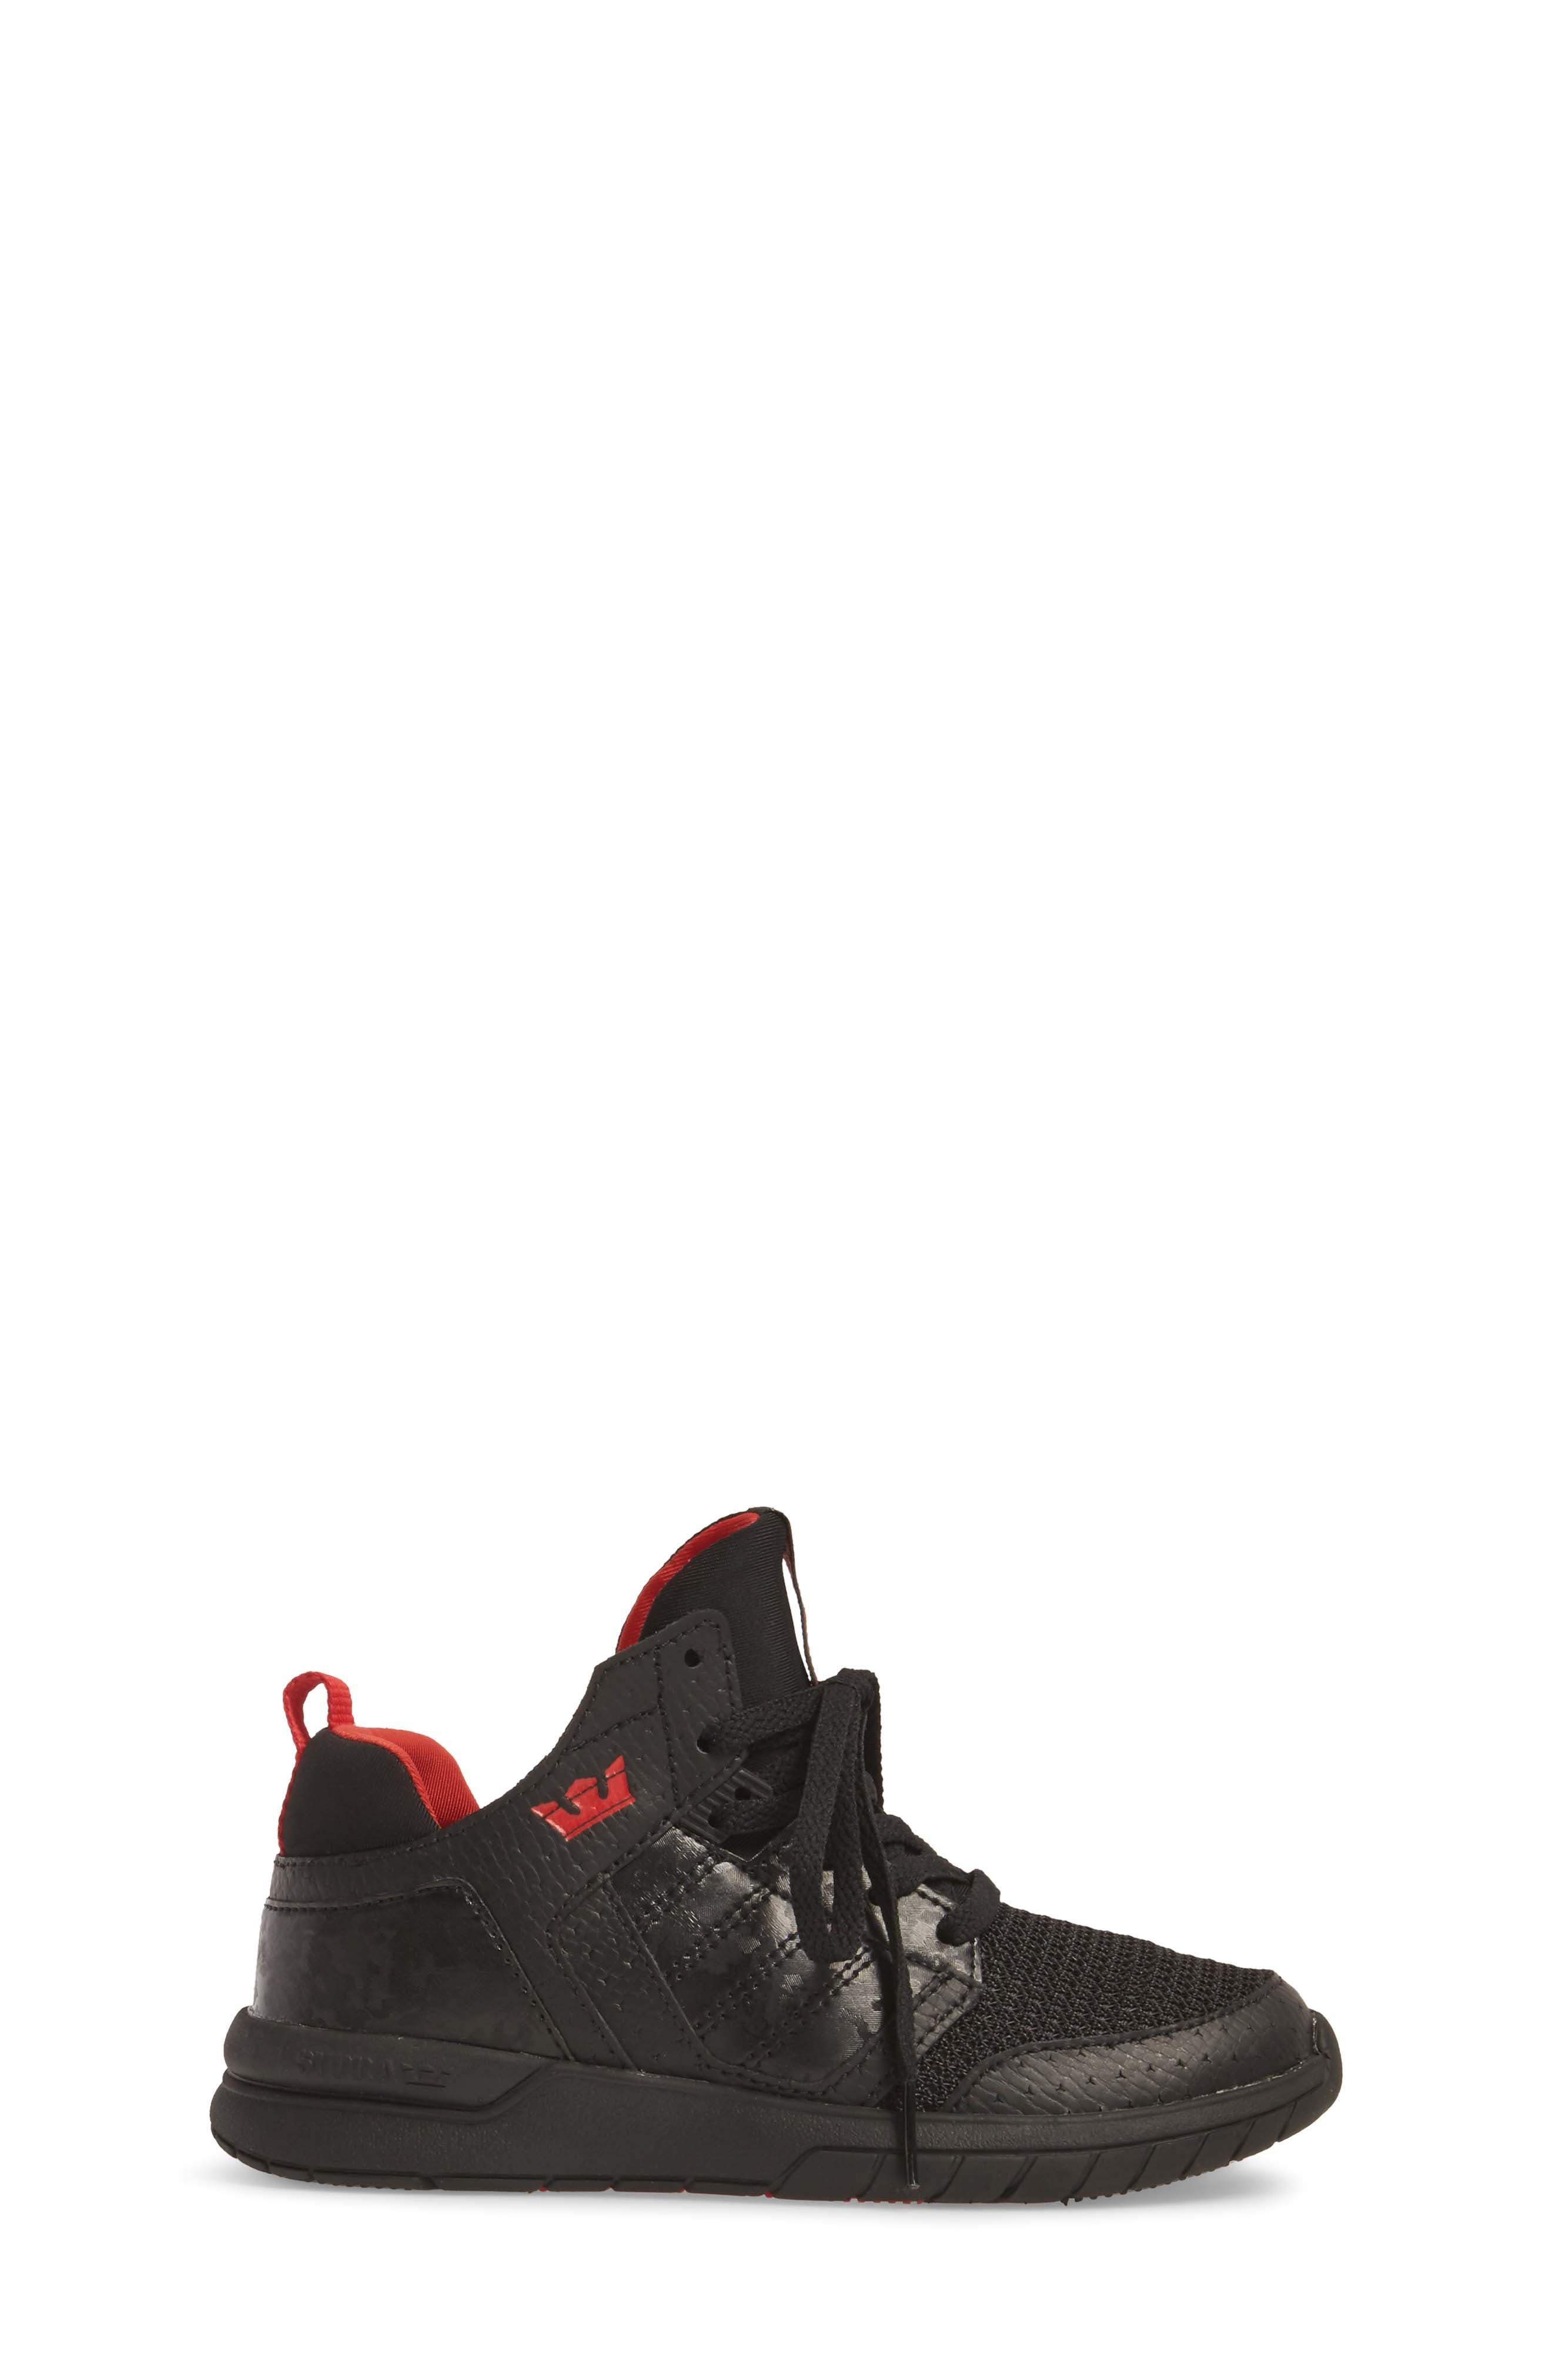 Method Sneaker,                             Alternate thumbnail 3, color,                             001